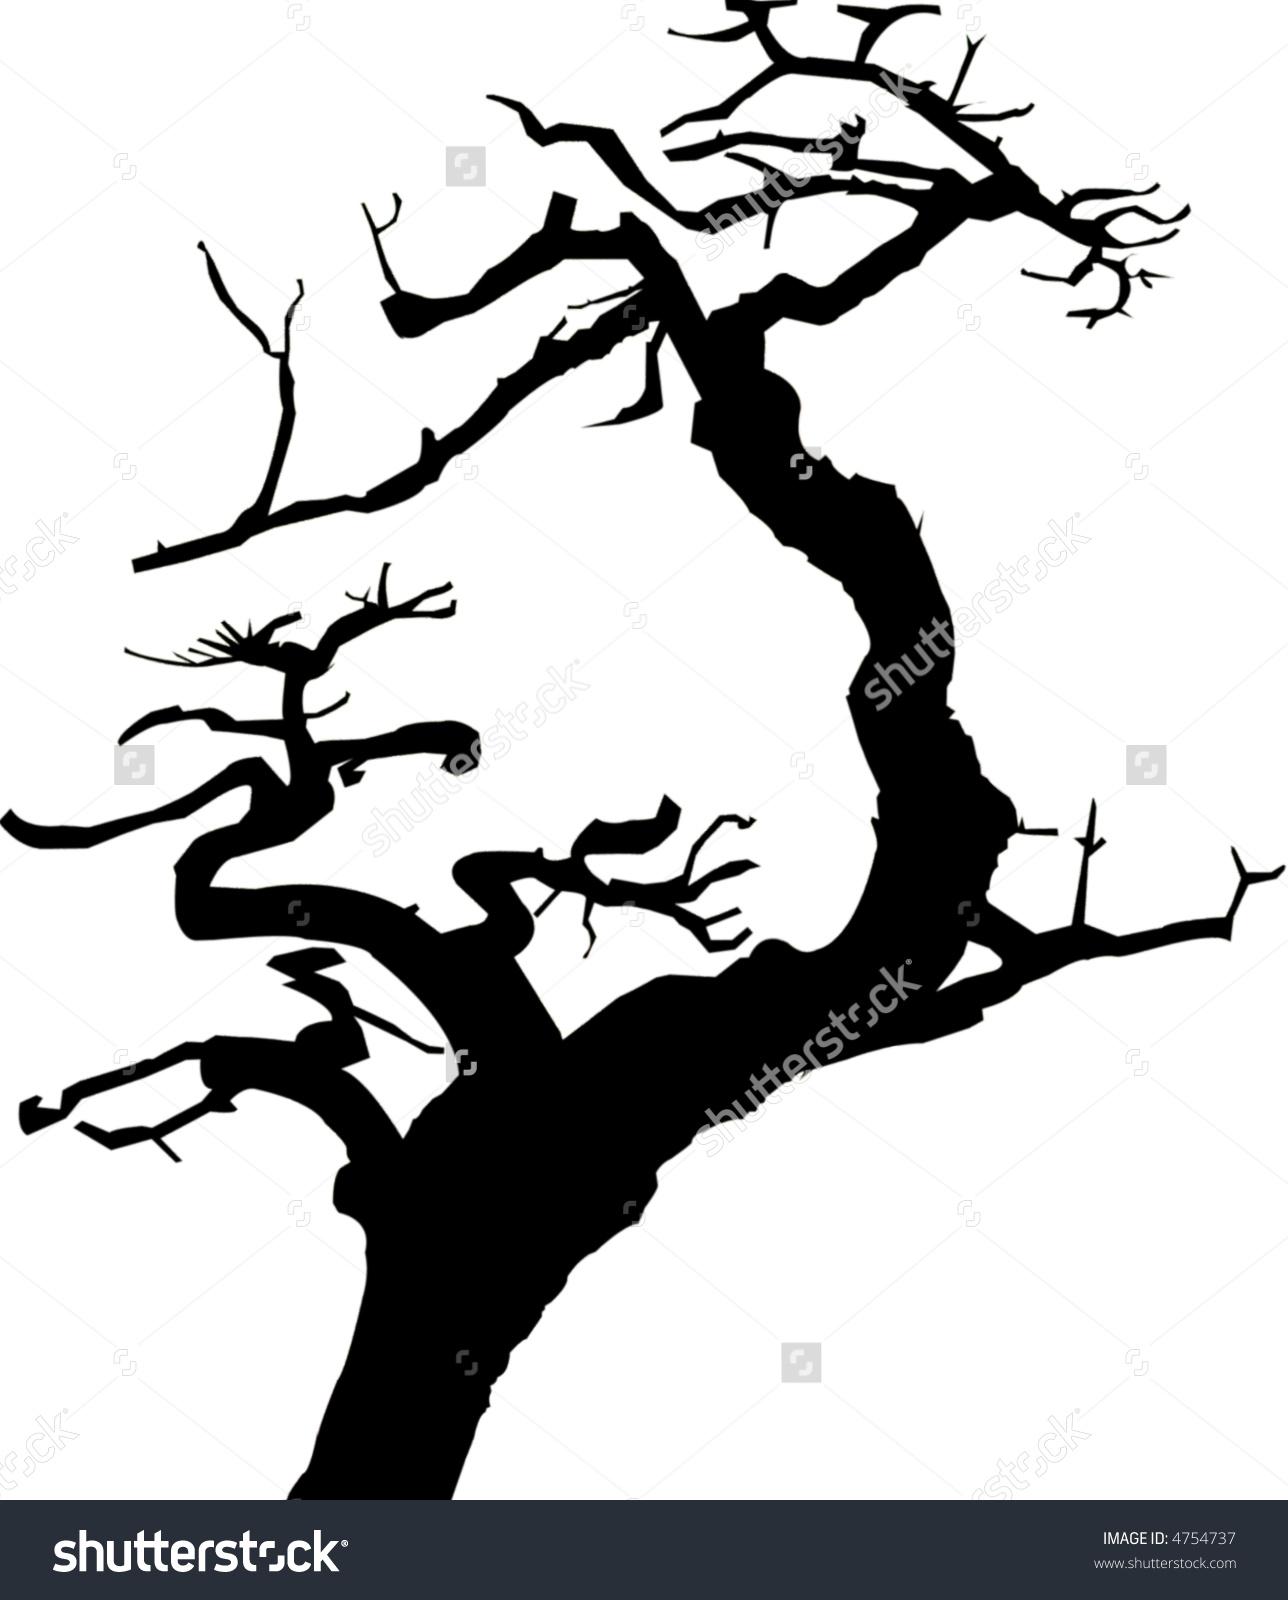 Tree Limbs Stock Vectors & Vector Clip Art.